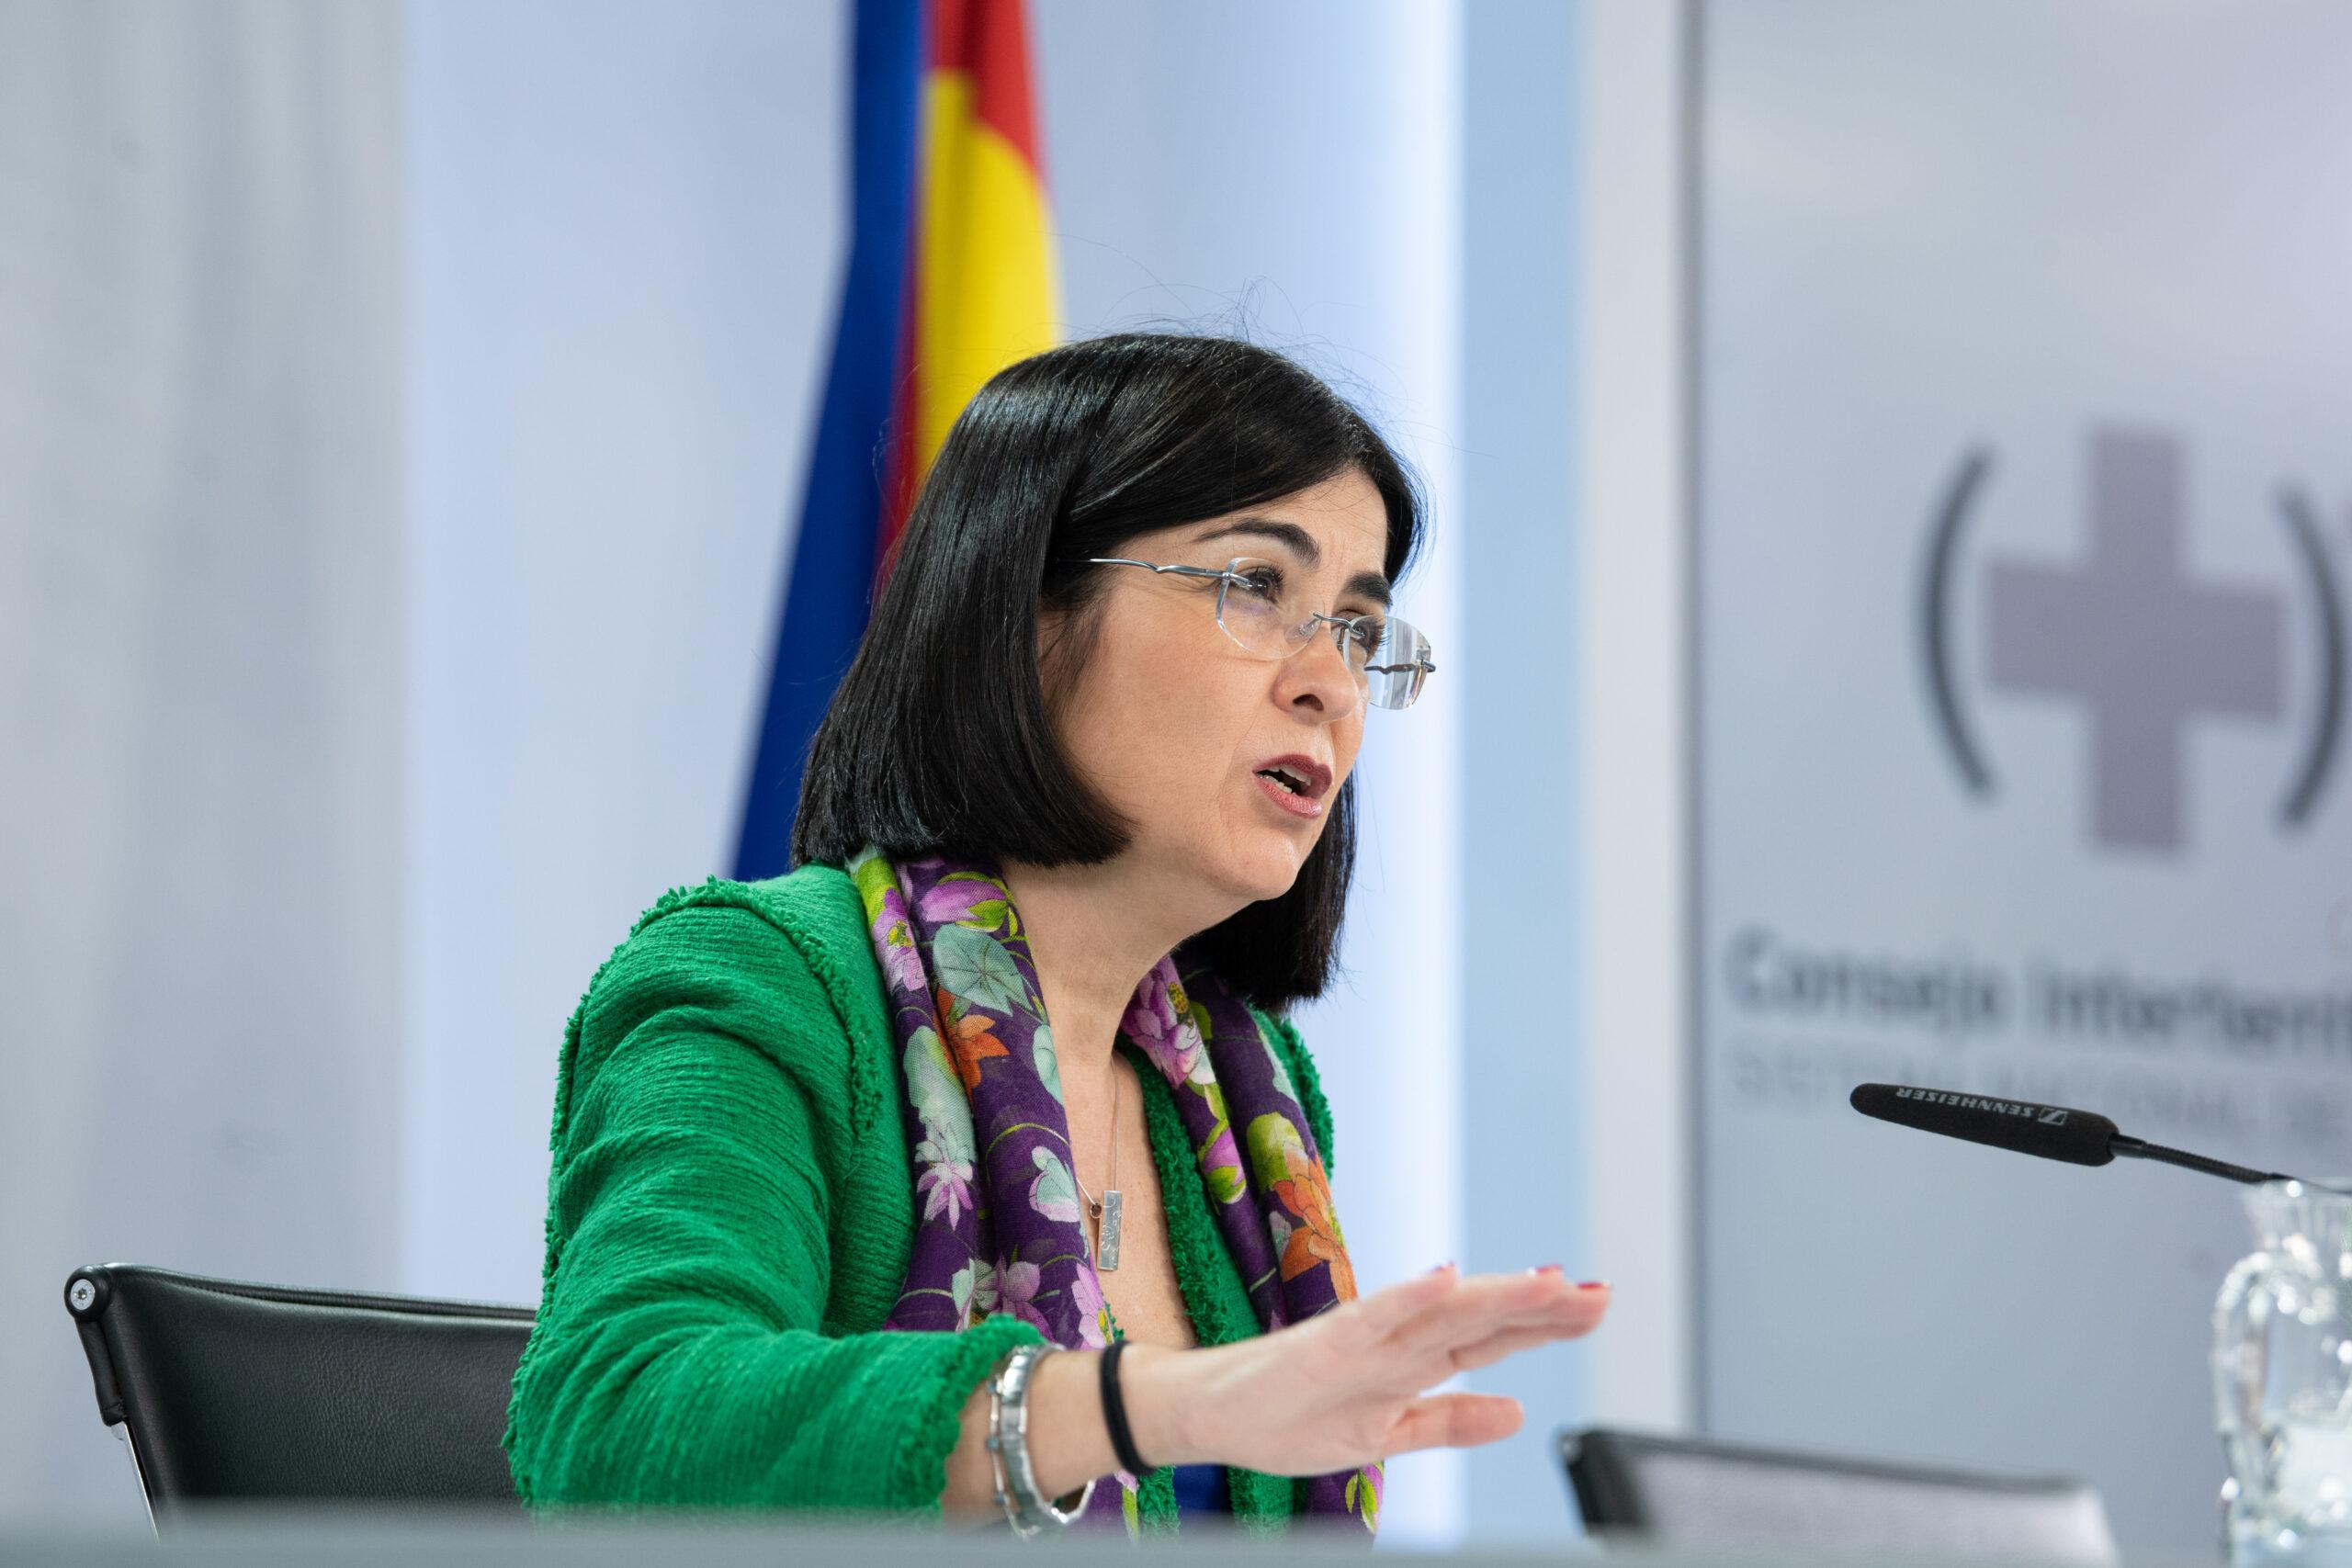 La ministra de Sanitat, Carolina Darias, durant la roda de premsa posterior al Consell Interterritorial de Salut del 22 de març del 2021. Pla mig. (Horitzontal)